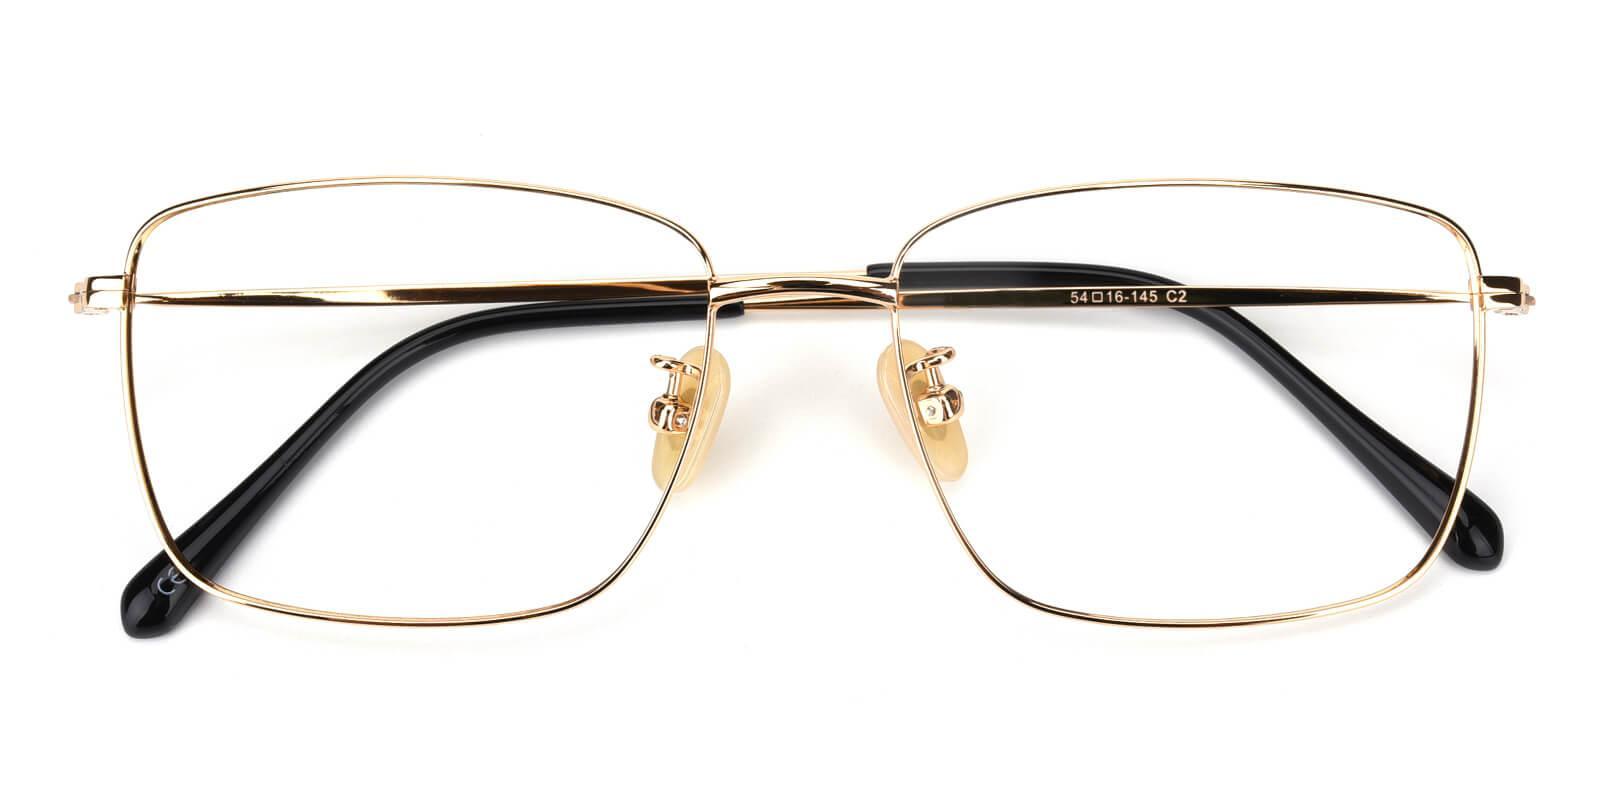 Pensieve-Gold-Square-Titanium-Eyeglasses-detail